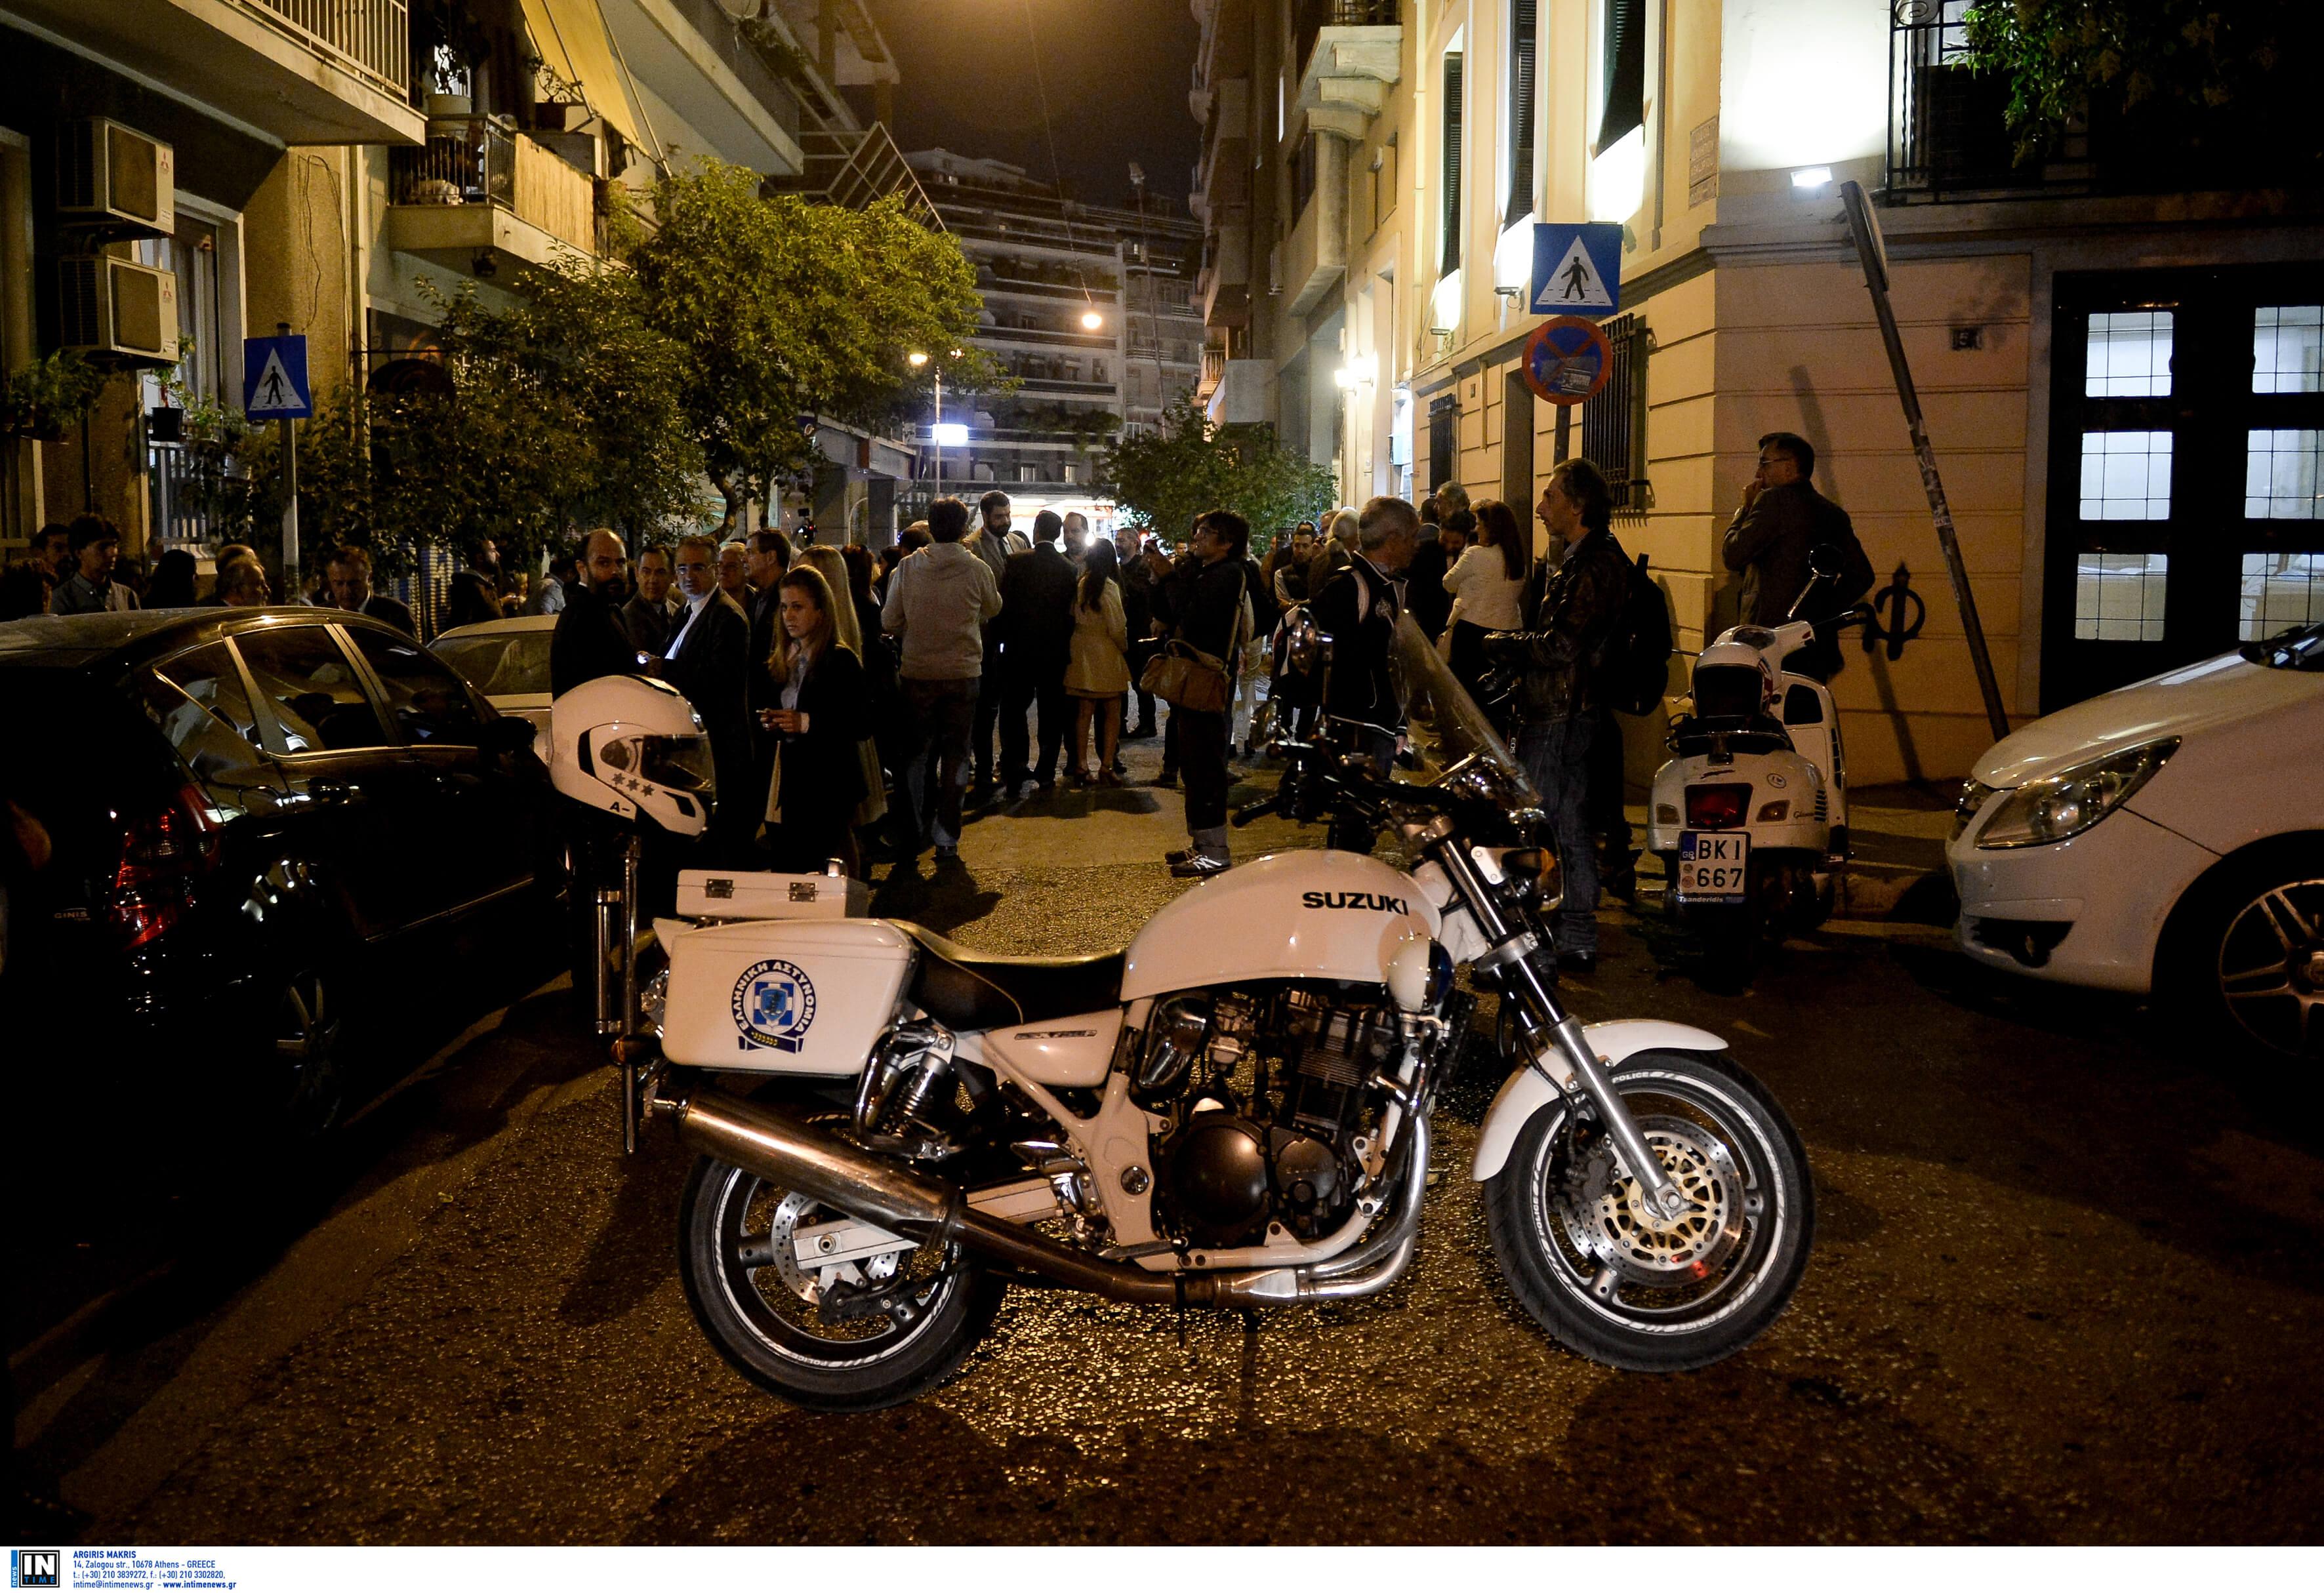 «Είχαν προαποφασίσει τη δολοφονία του Ζαφειρόπουλου - Την ενοχή όλων των κατηγορούμενων ζητά ο εισαγγελέας